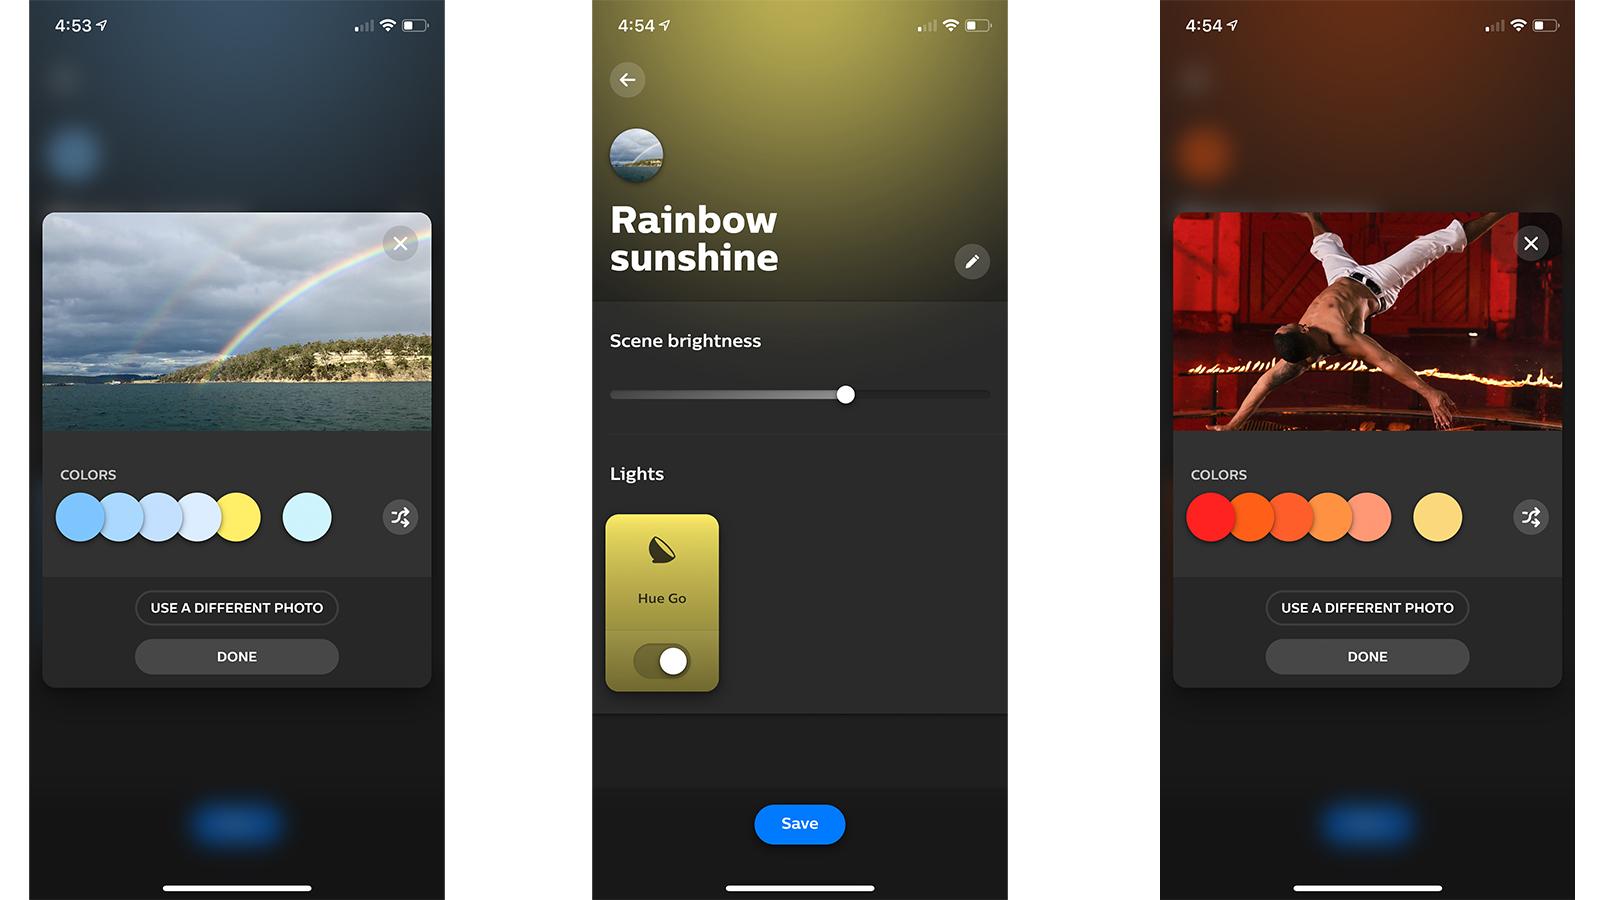 Philips Hue Go 2 custom light setup in app